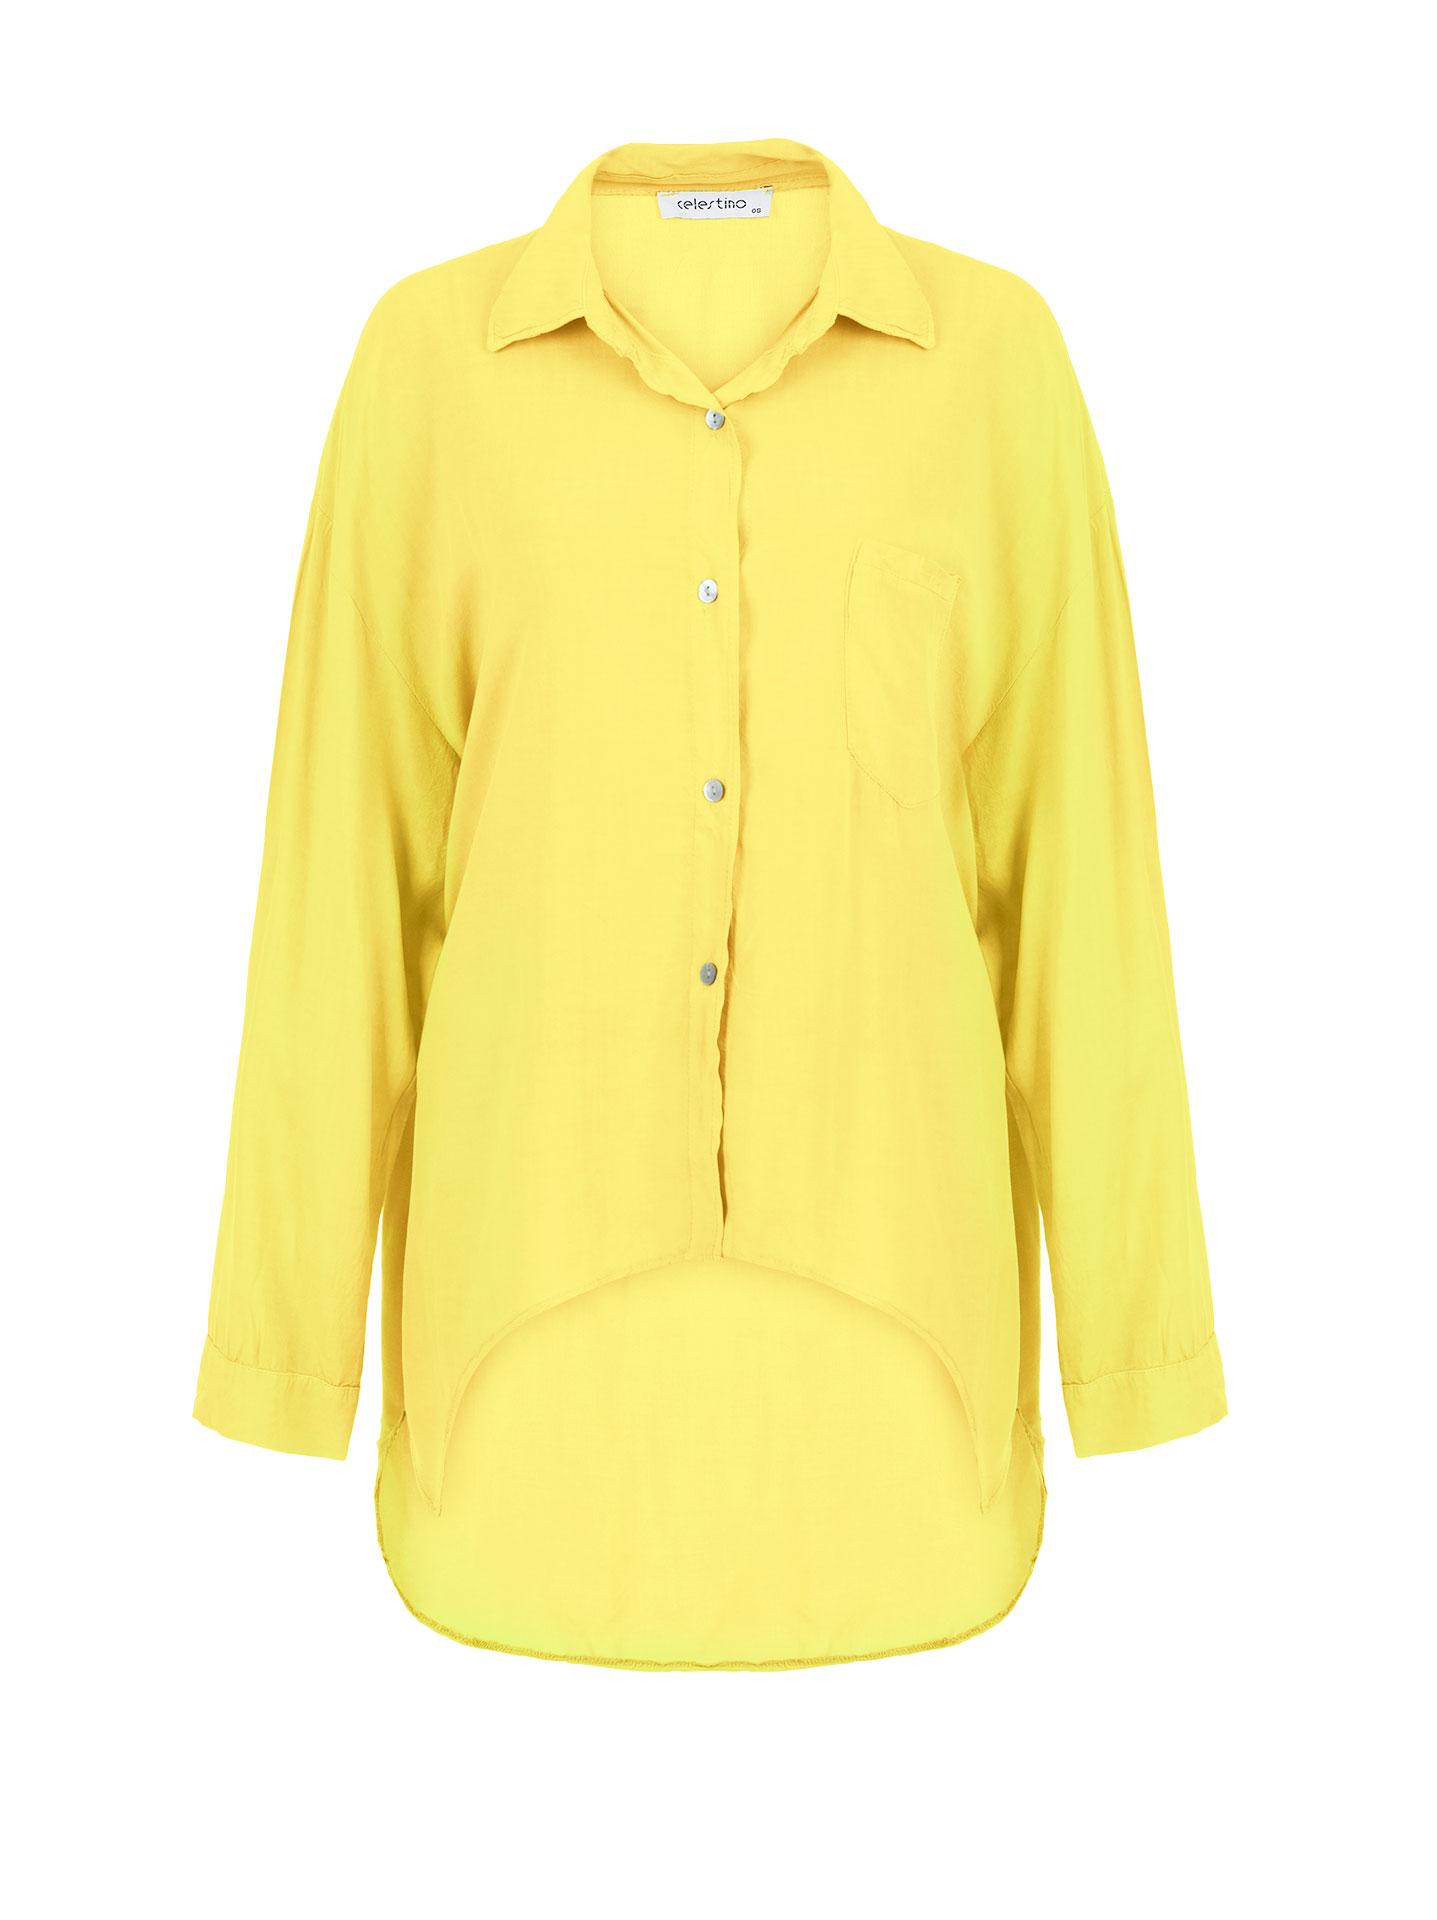 f3702ab72e88 Ασύμμετρο πουκάμισο από βαμβάκι σε κιτρινο